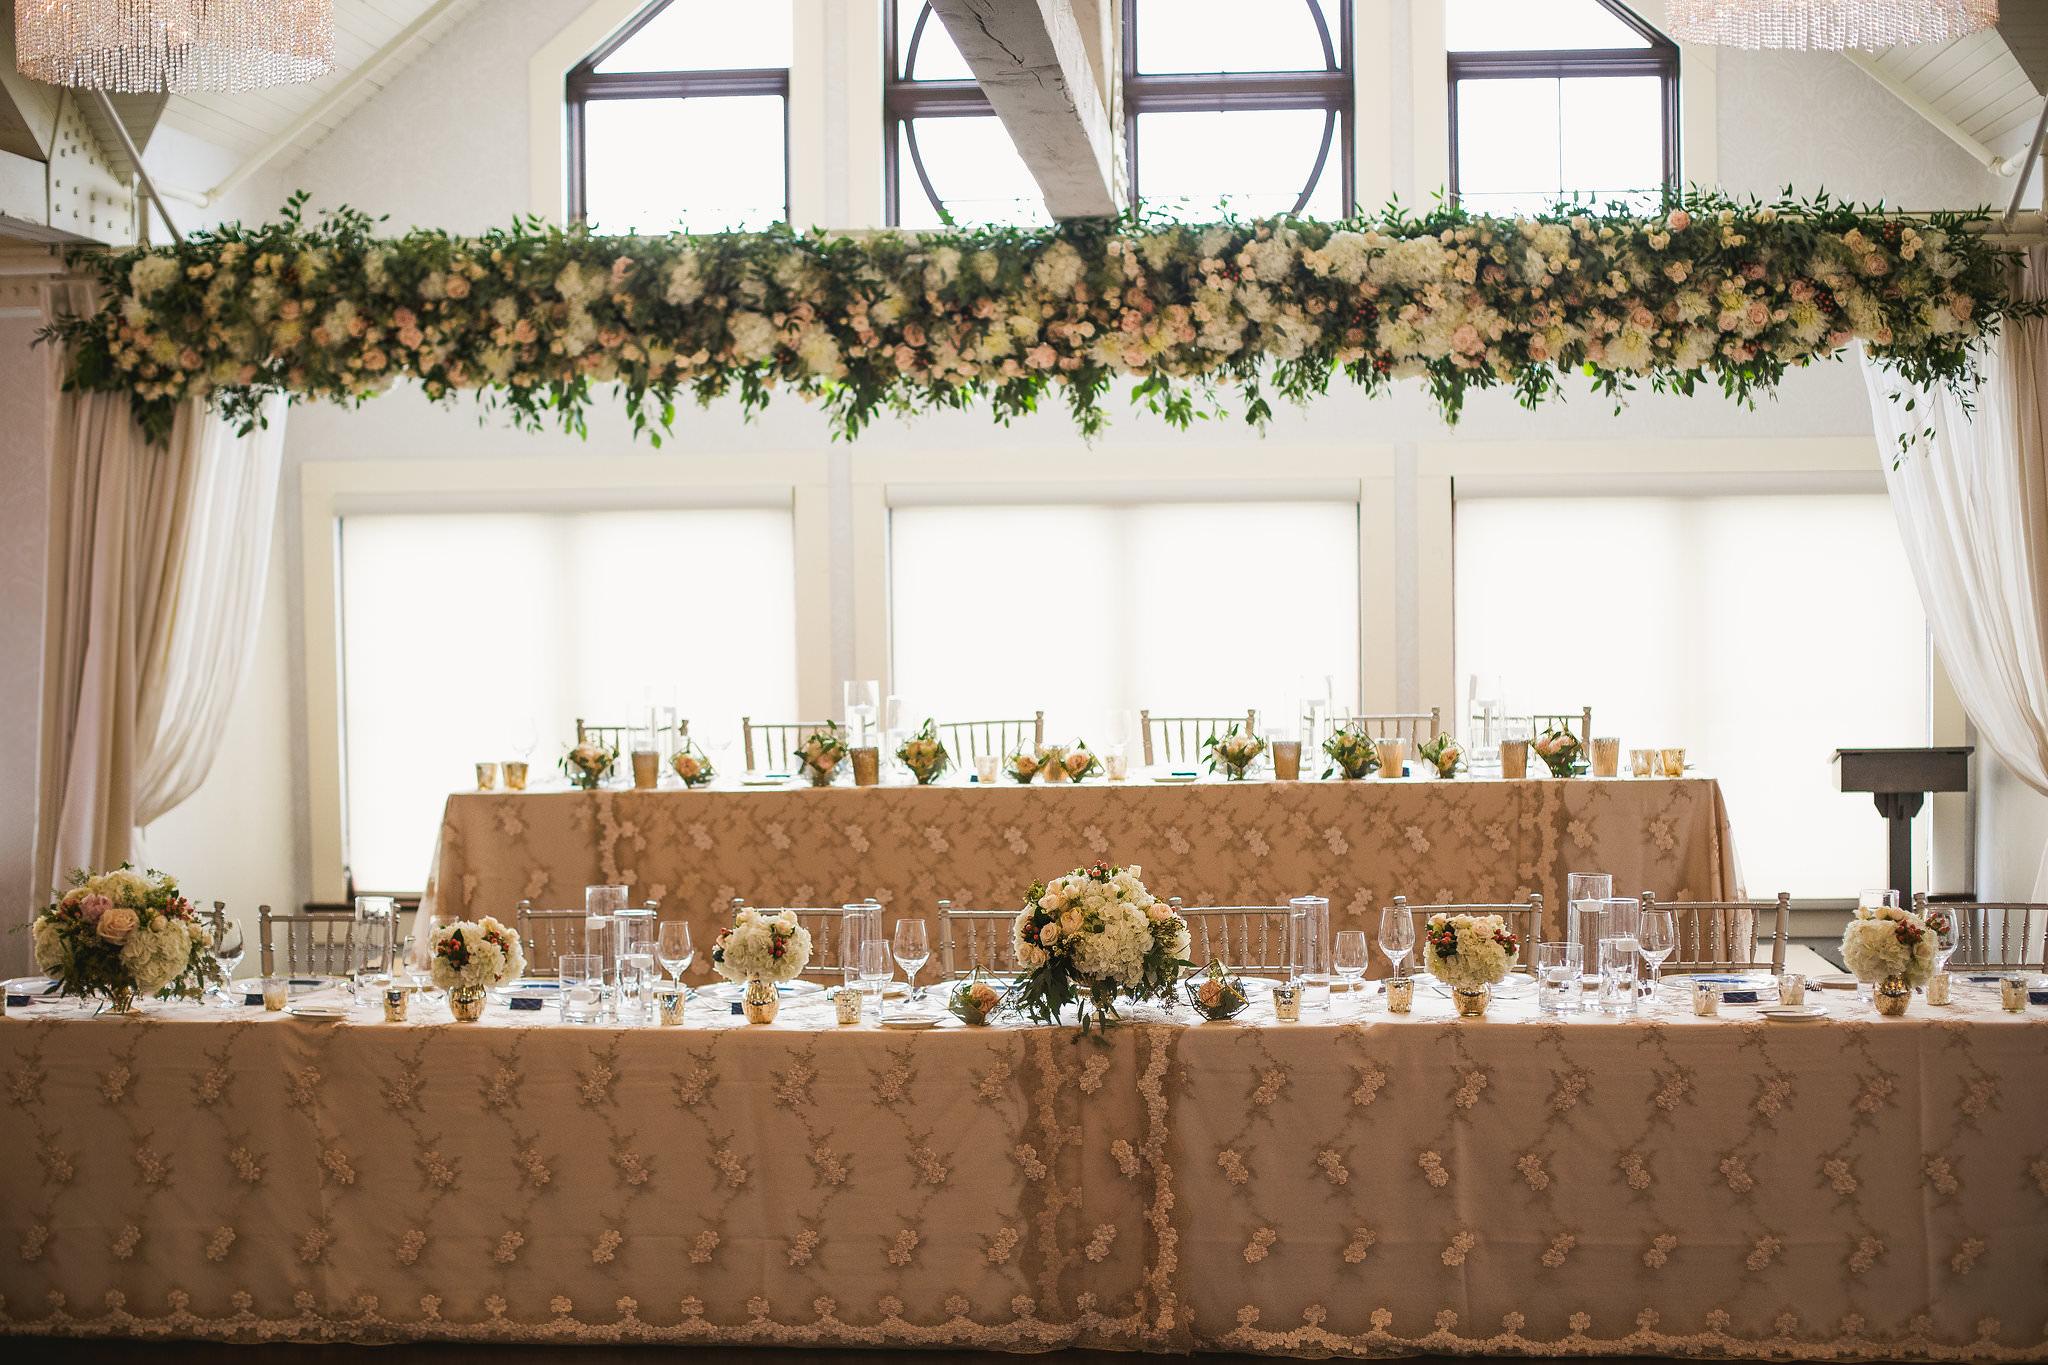 whistlebearweddingphotos 182 - Whistle Bear Wedding Photos